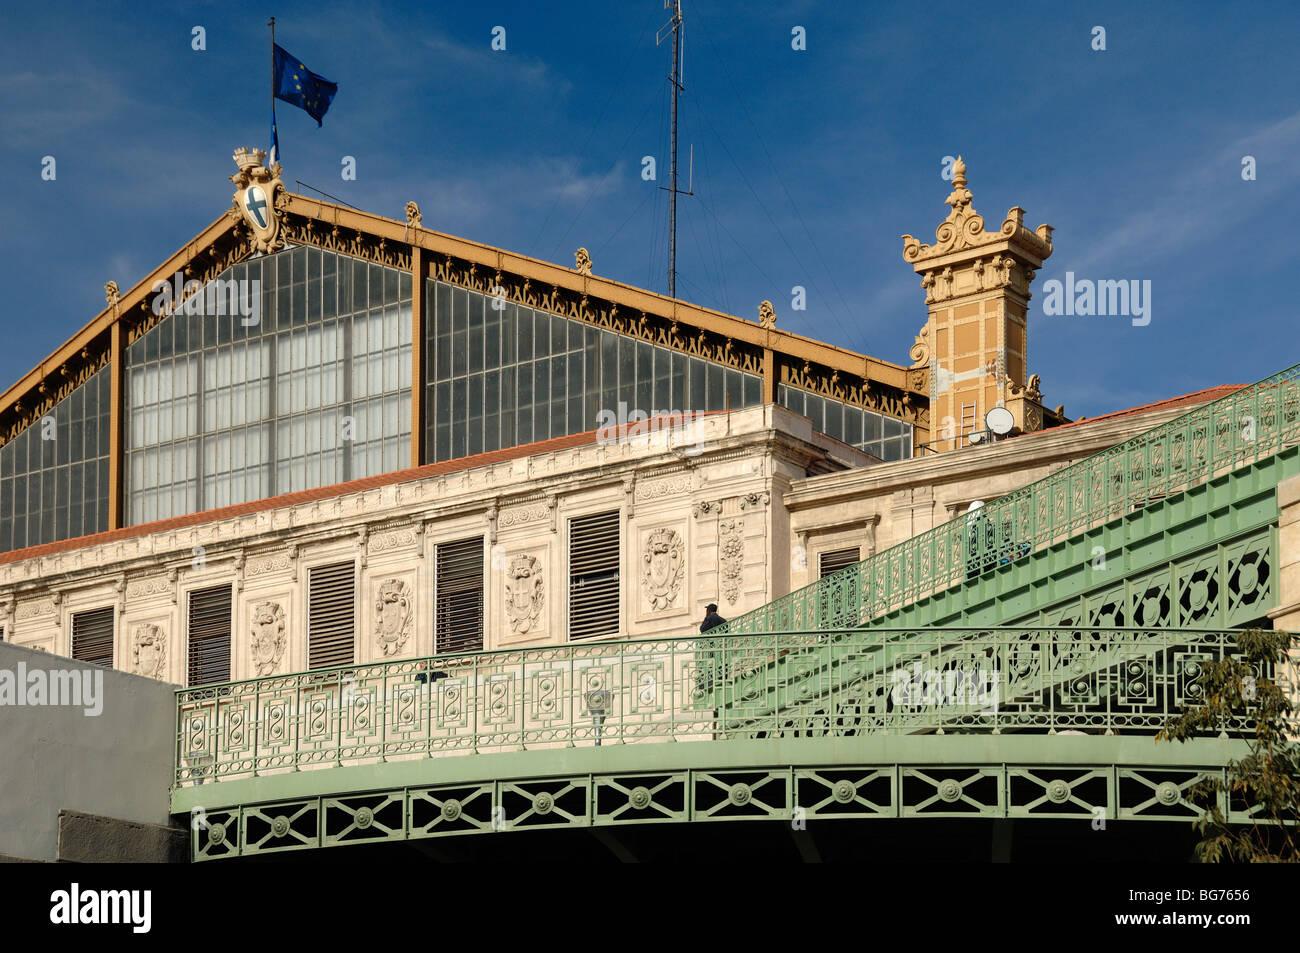 C XIX secolo con facciata in ferro battuto o in ferro battuto di Gare Saint Charles stazione ferroviaria, Marsiglia Immagini Stock